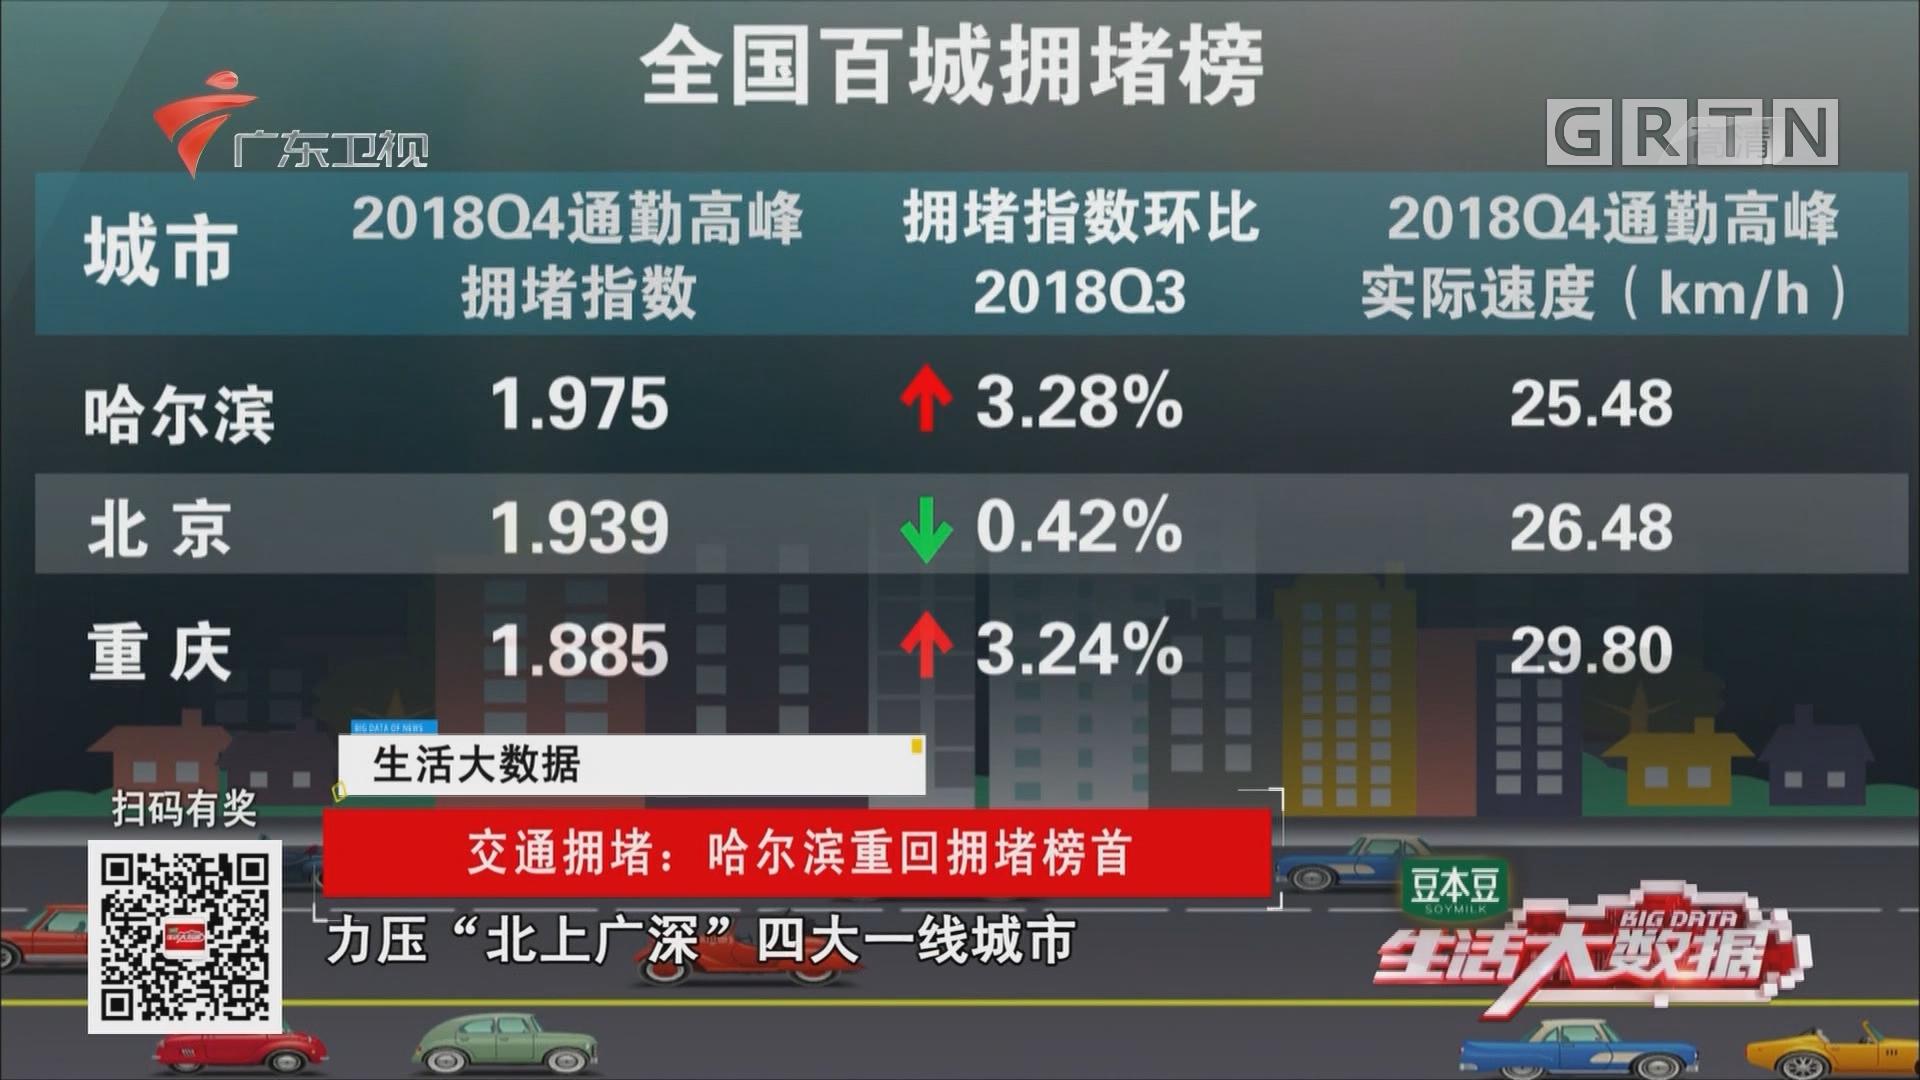 交通拥堵:哈尔滨重回拥堵榜首